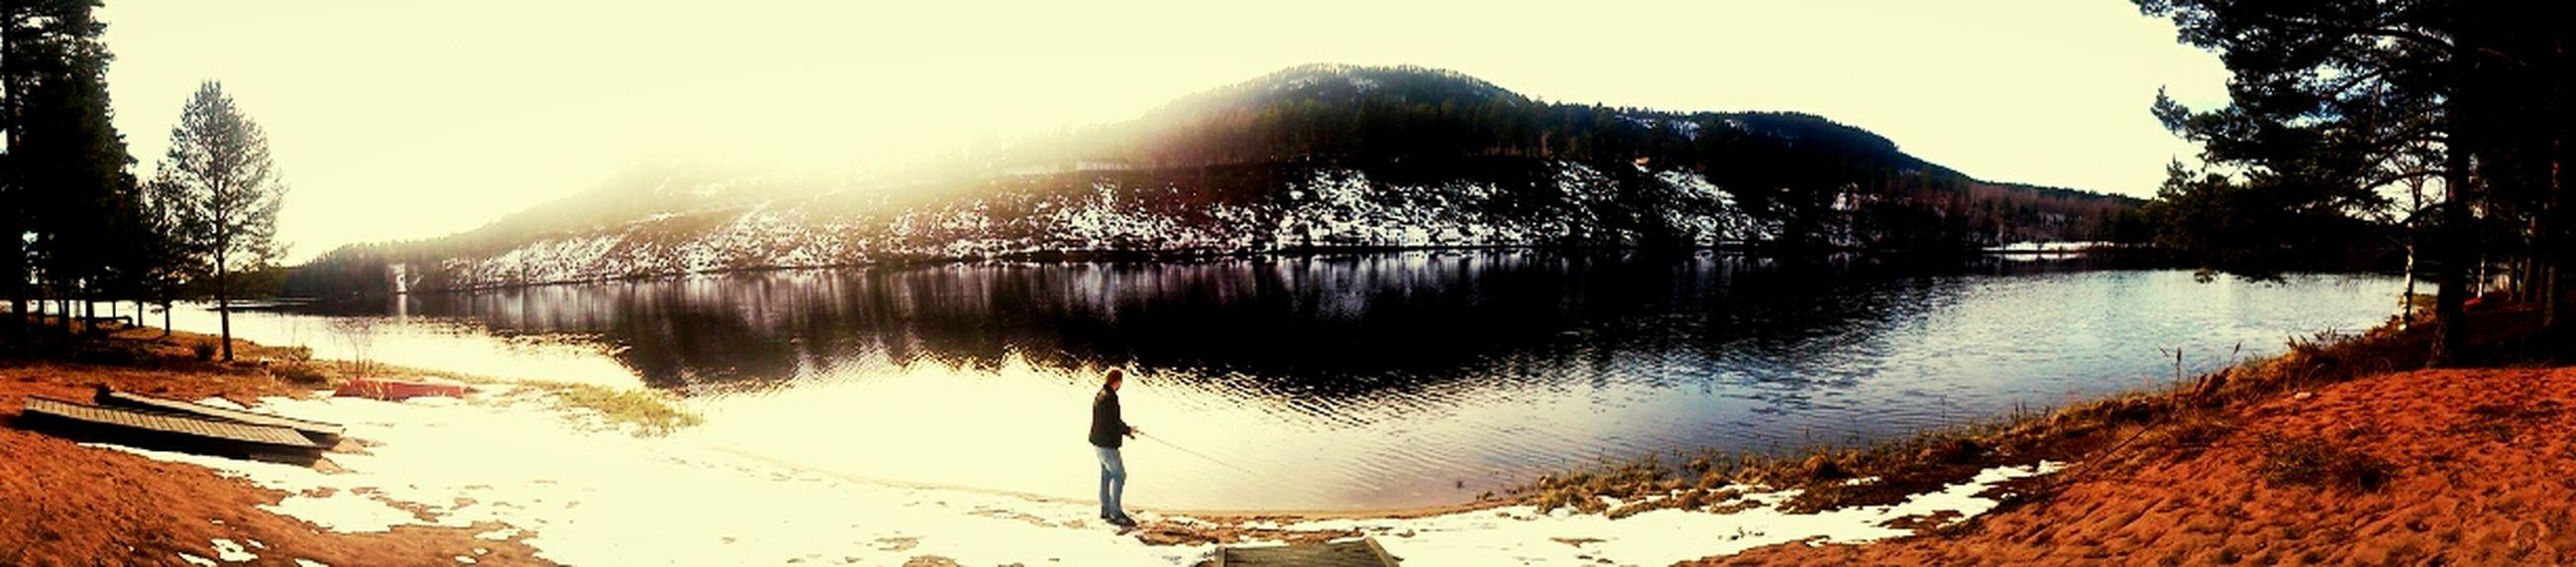 Mountain Lake Enjoying Life Relaxing